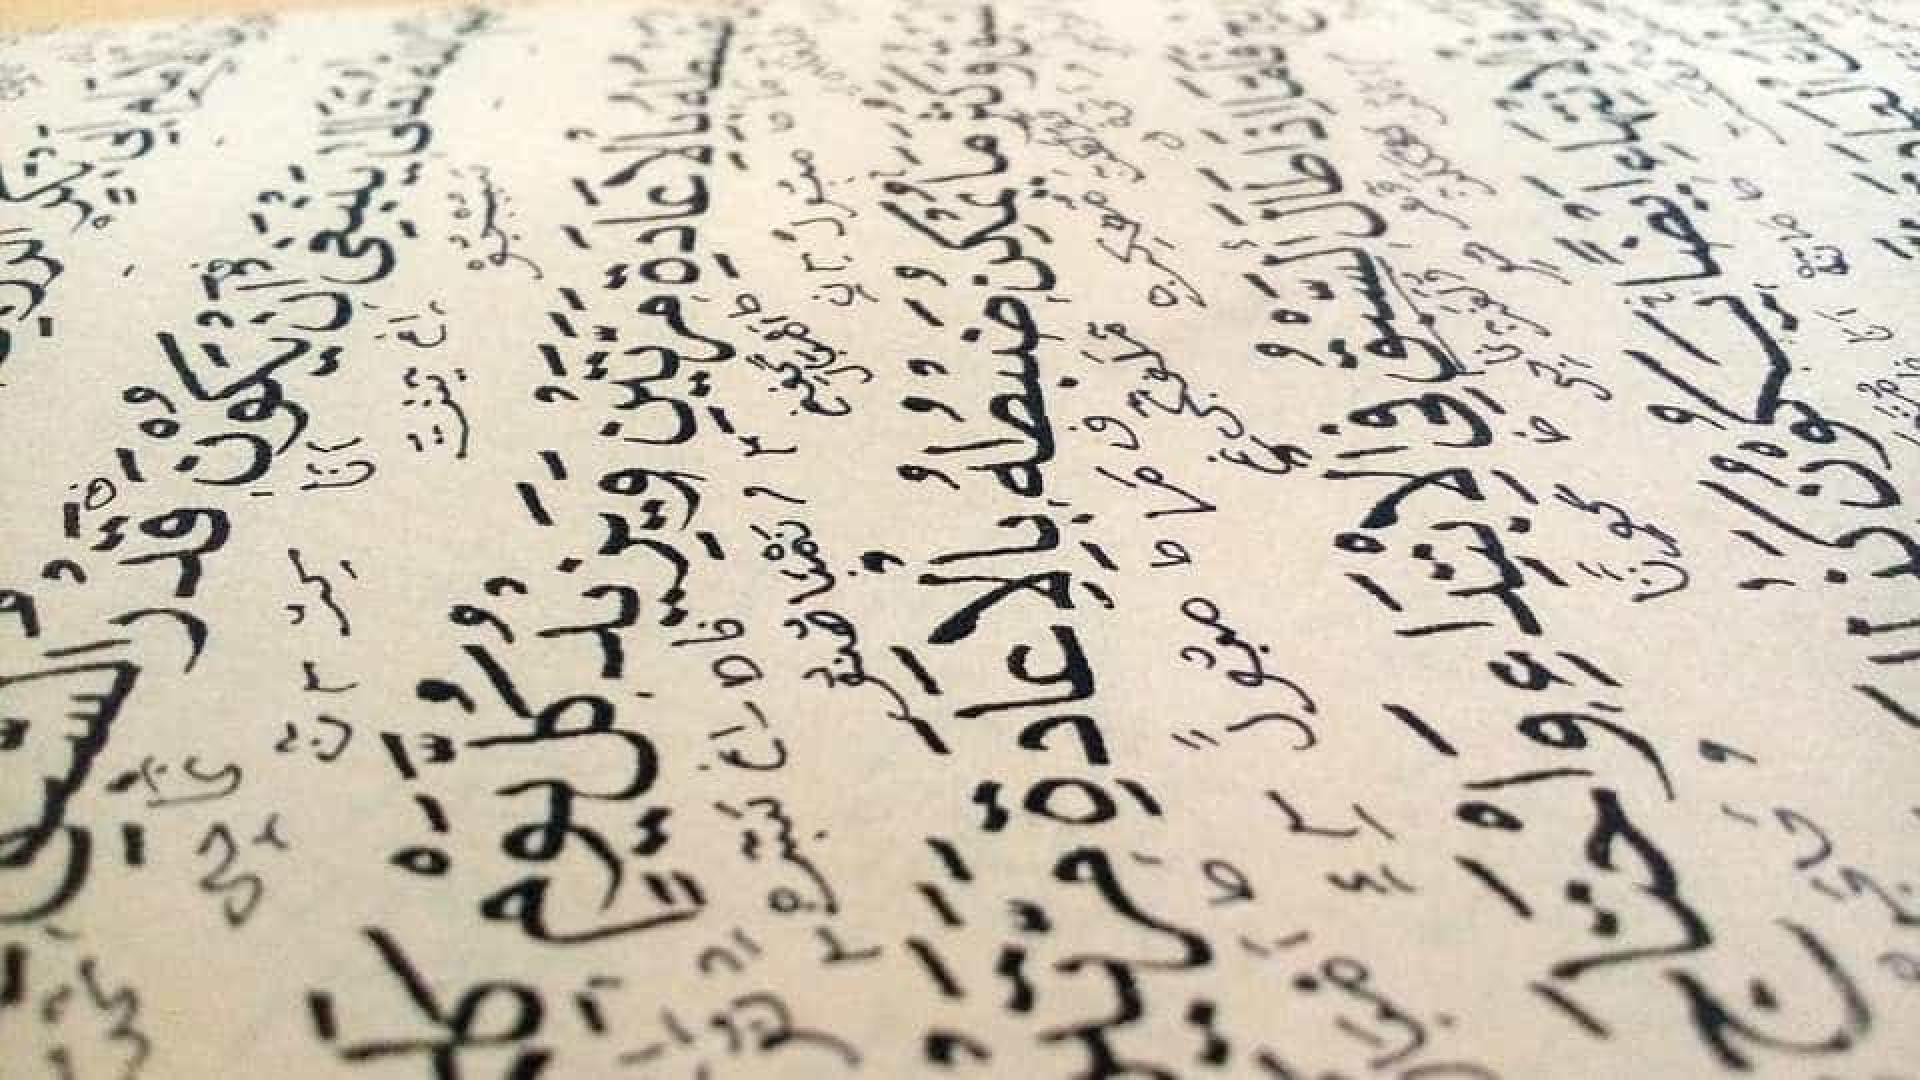 Quase 80 mil papiros em árabe esperam para serem decifrados